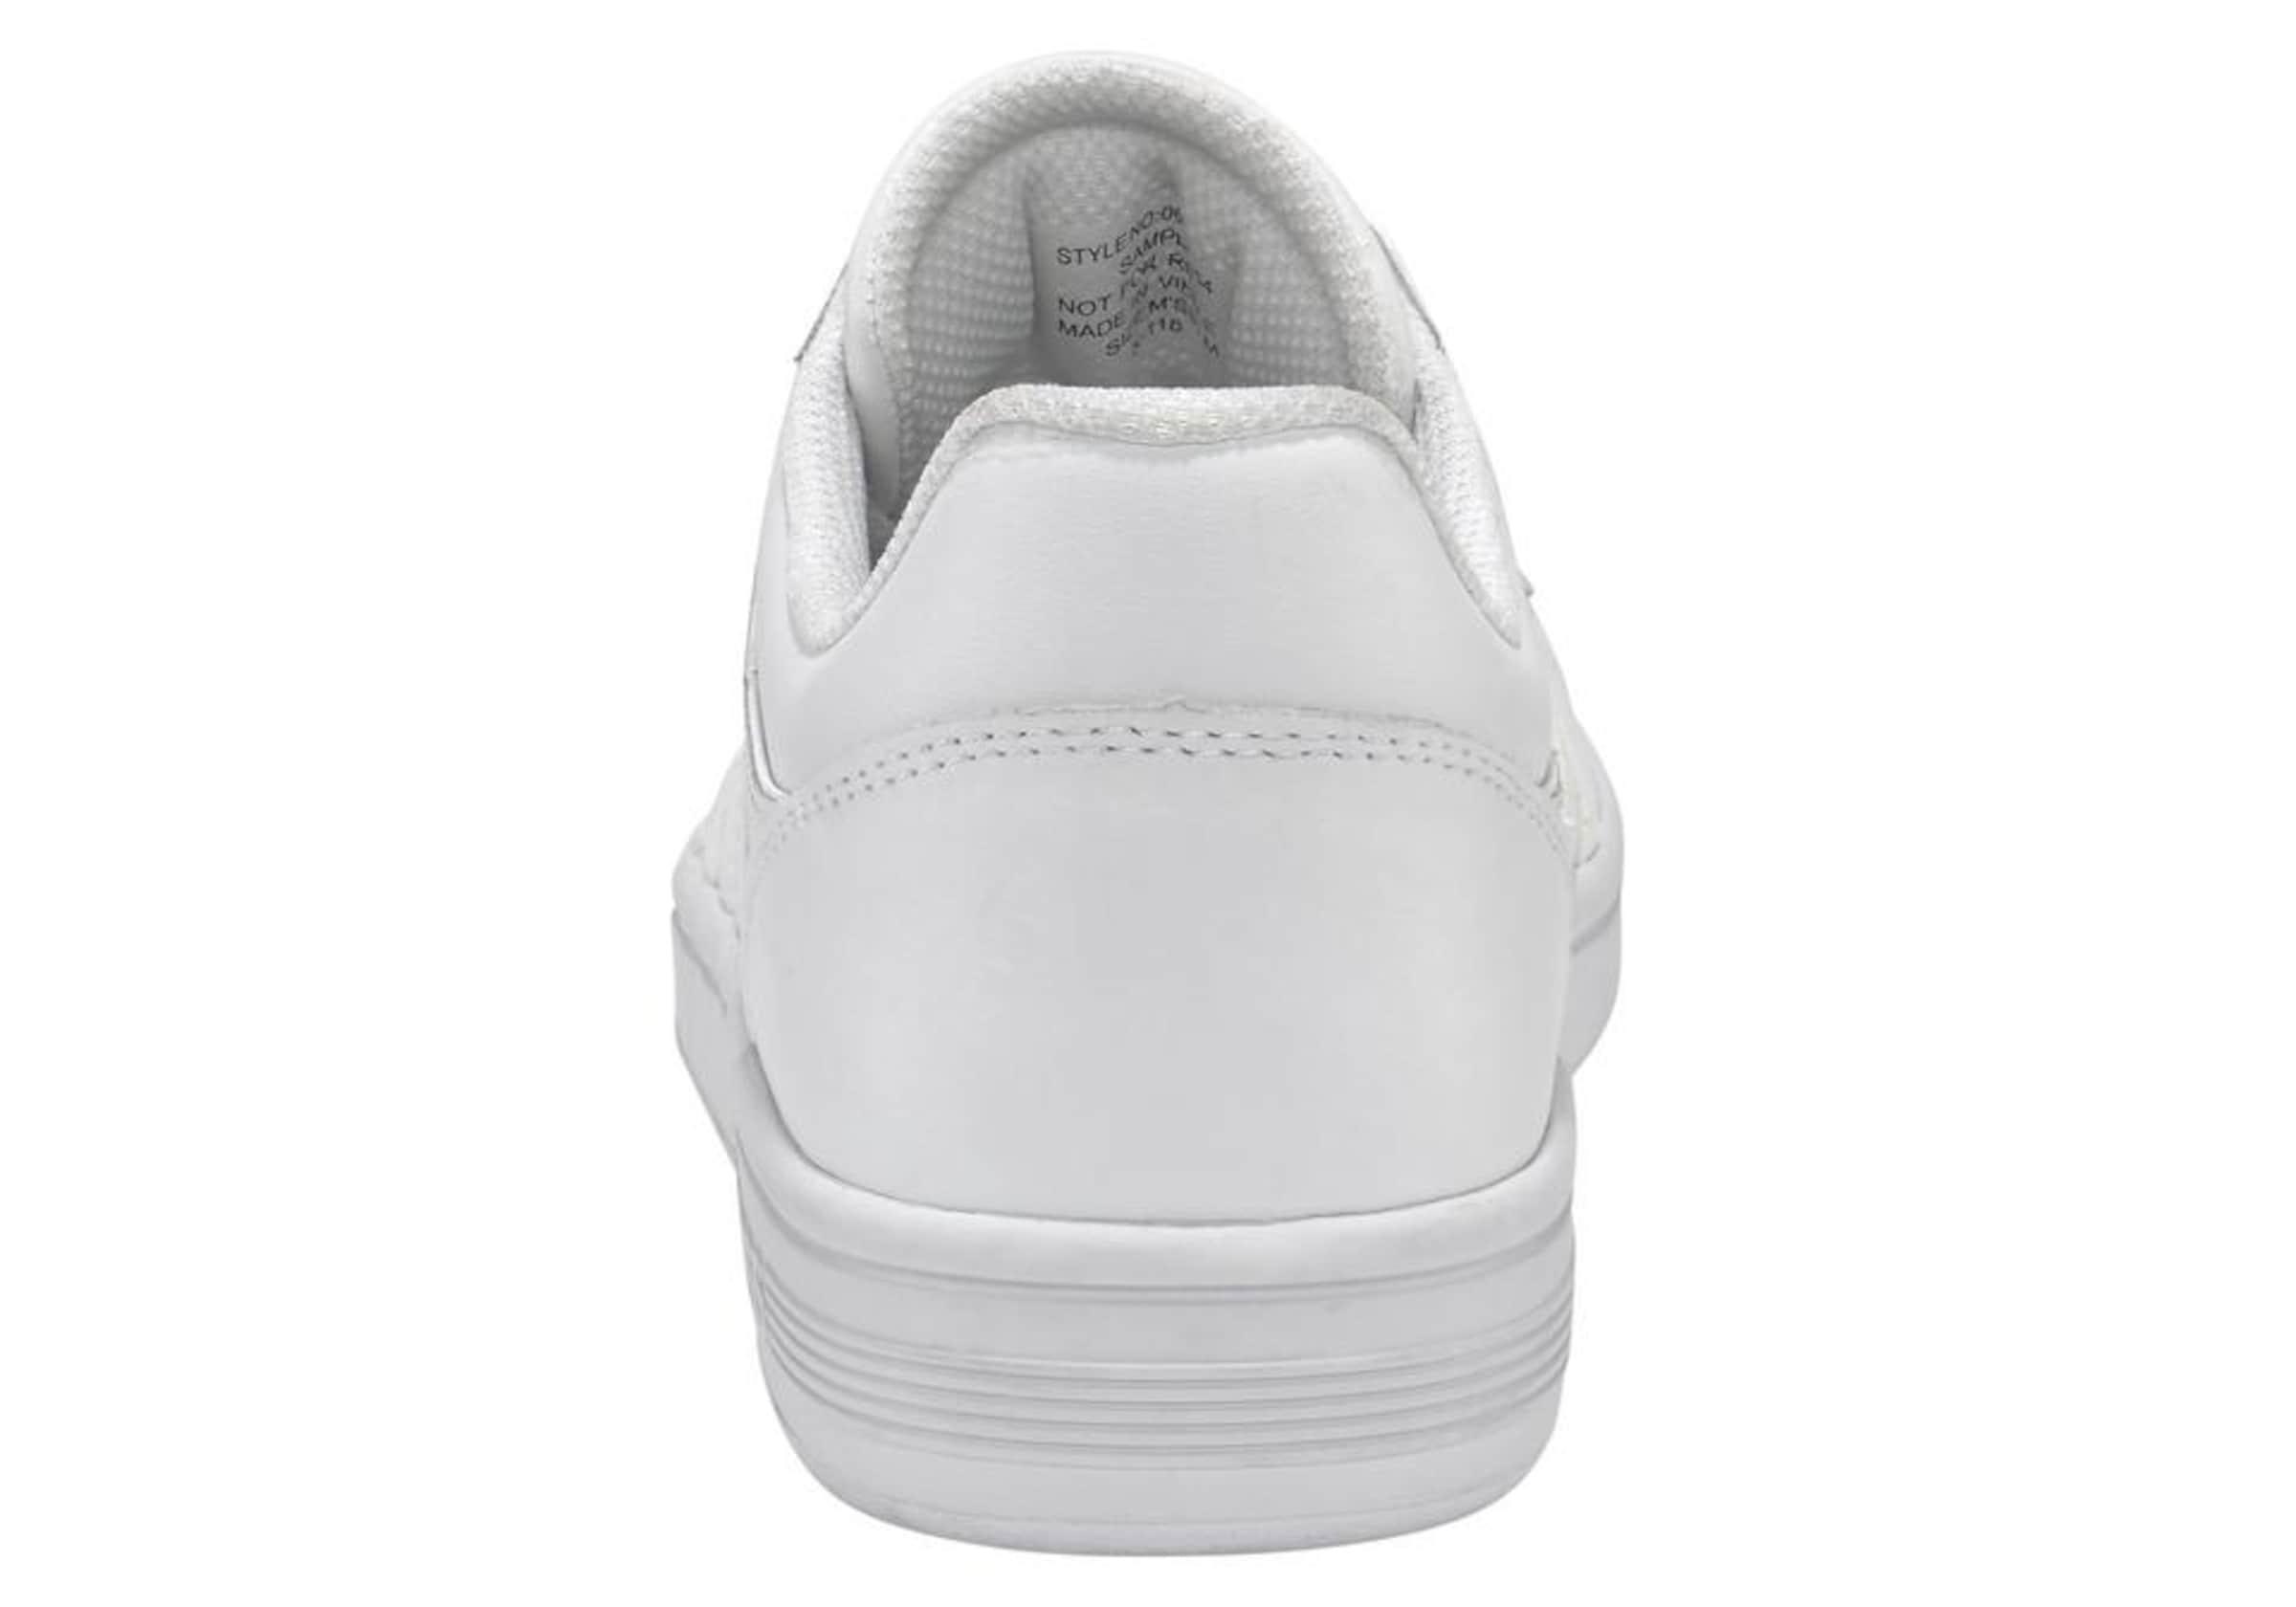 K Sneaker Weiß swiss Winston 'court M' In 0wmnyN8Ov